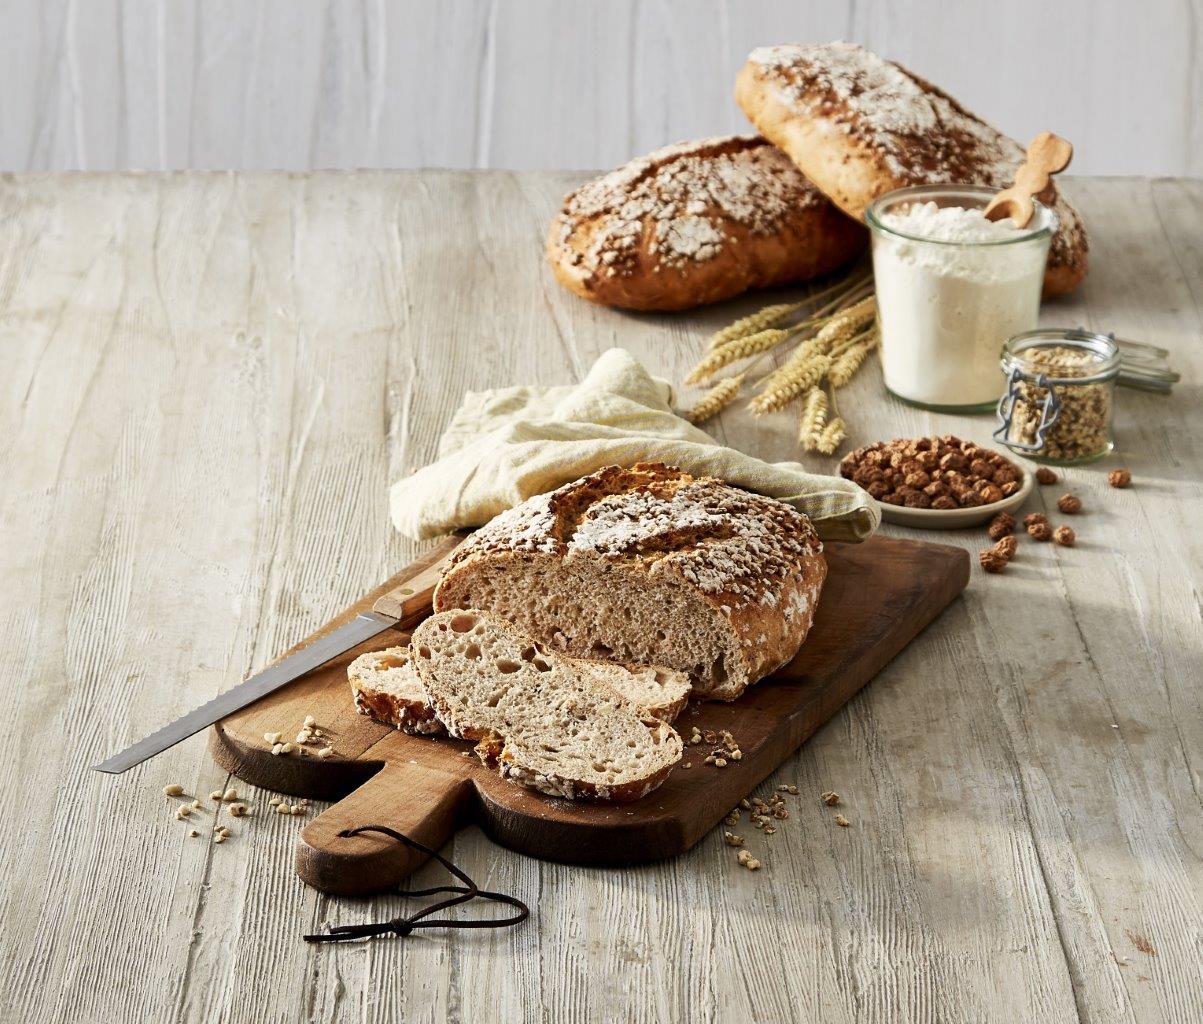 KonditorBager i Ringsted giver brød vigtig vitaminindsprøjtning